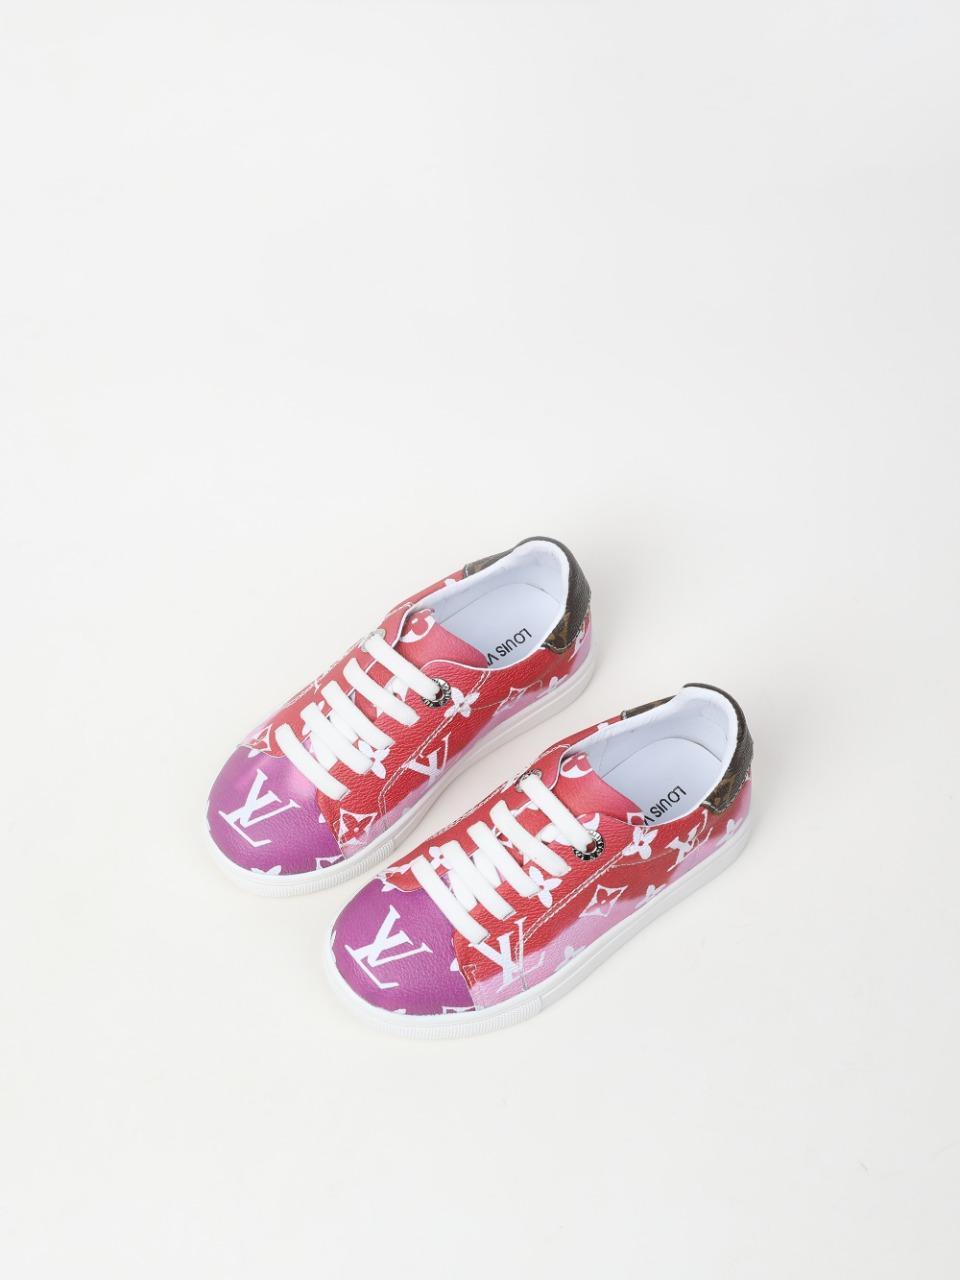 bebé niño zapatos del diseño de letra entrenadores deportivos corriendo nueva moda de otoño 2020 de color rosa deslizamiento de tela niña de niño zapato